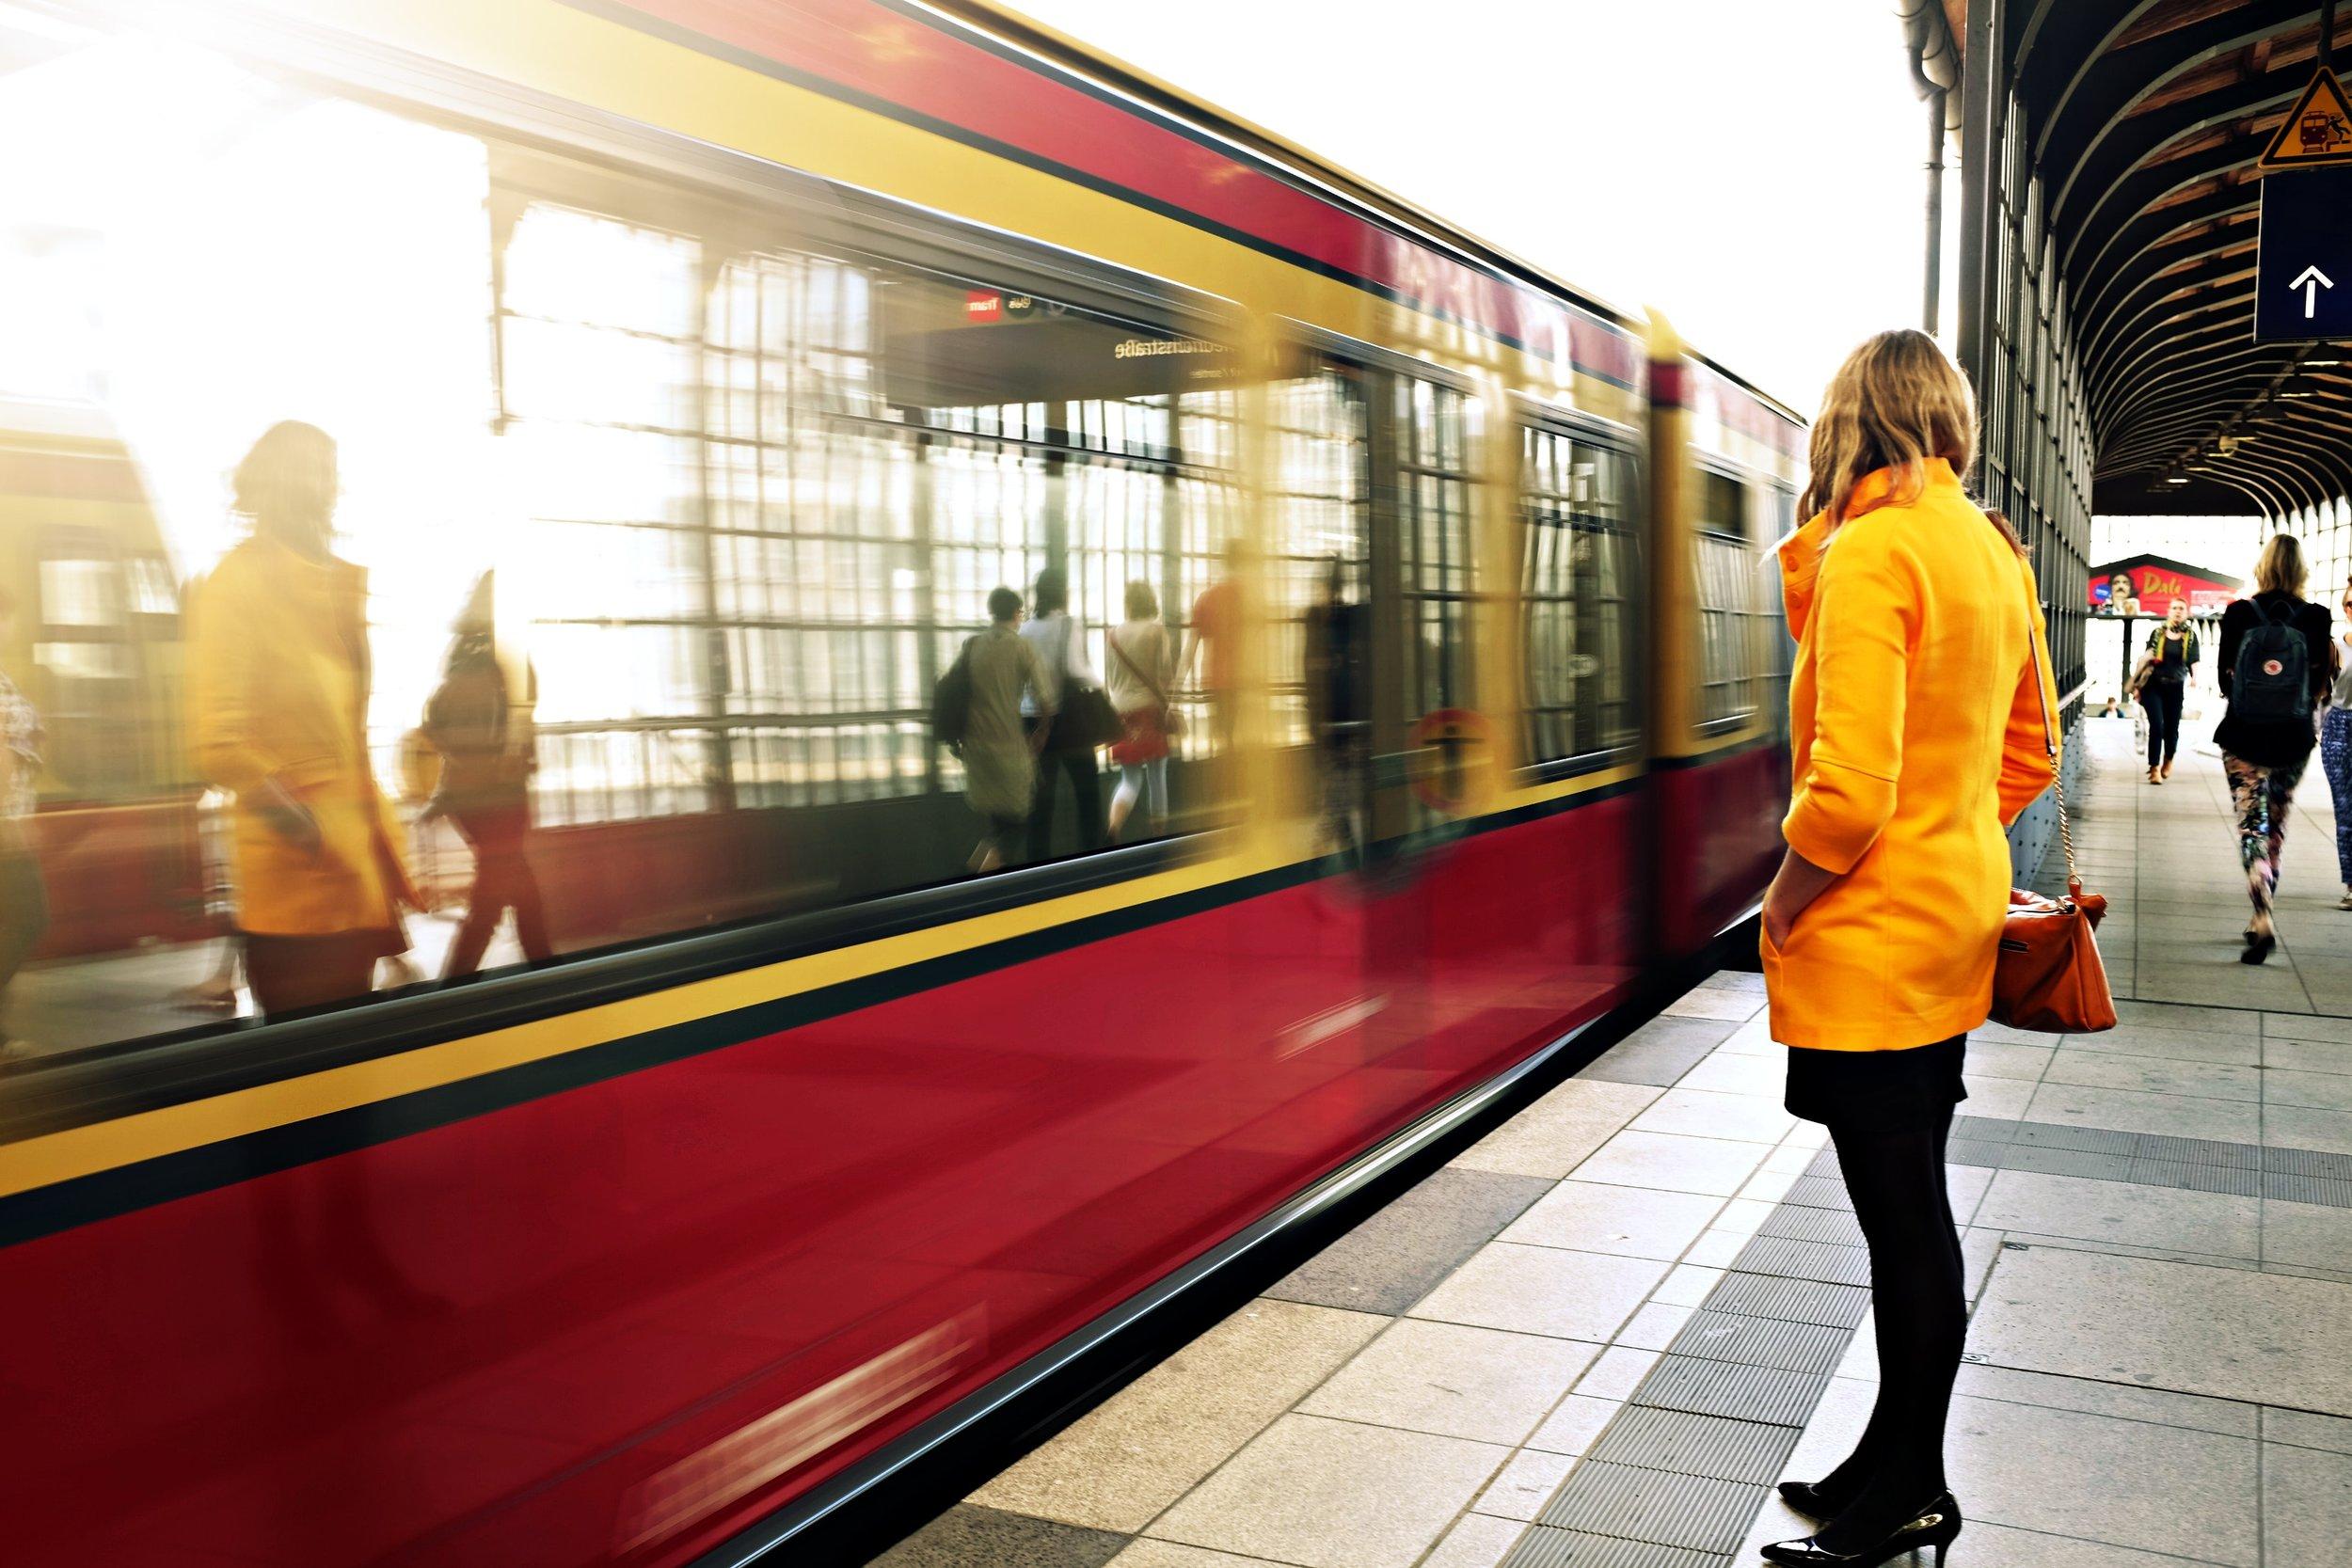 berlin-blonde-commute-21410.jpg